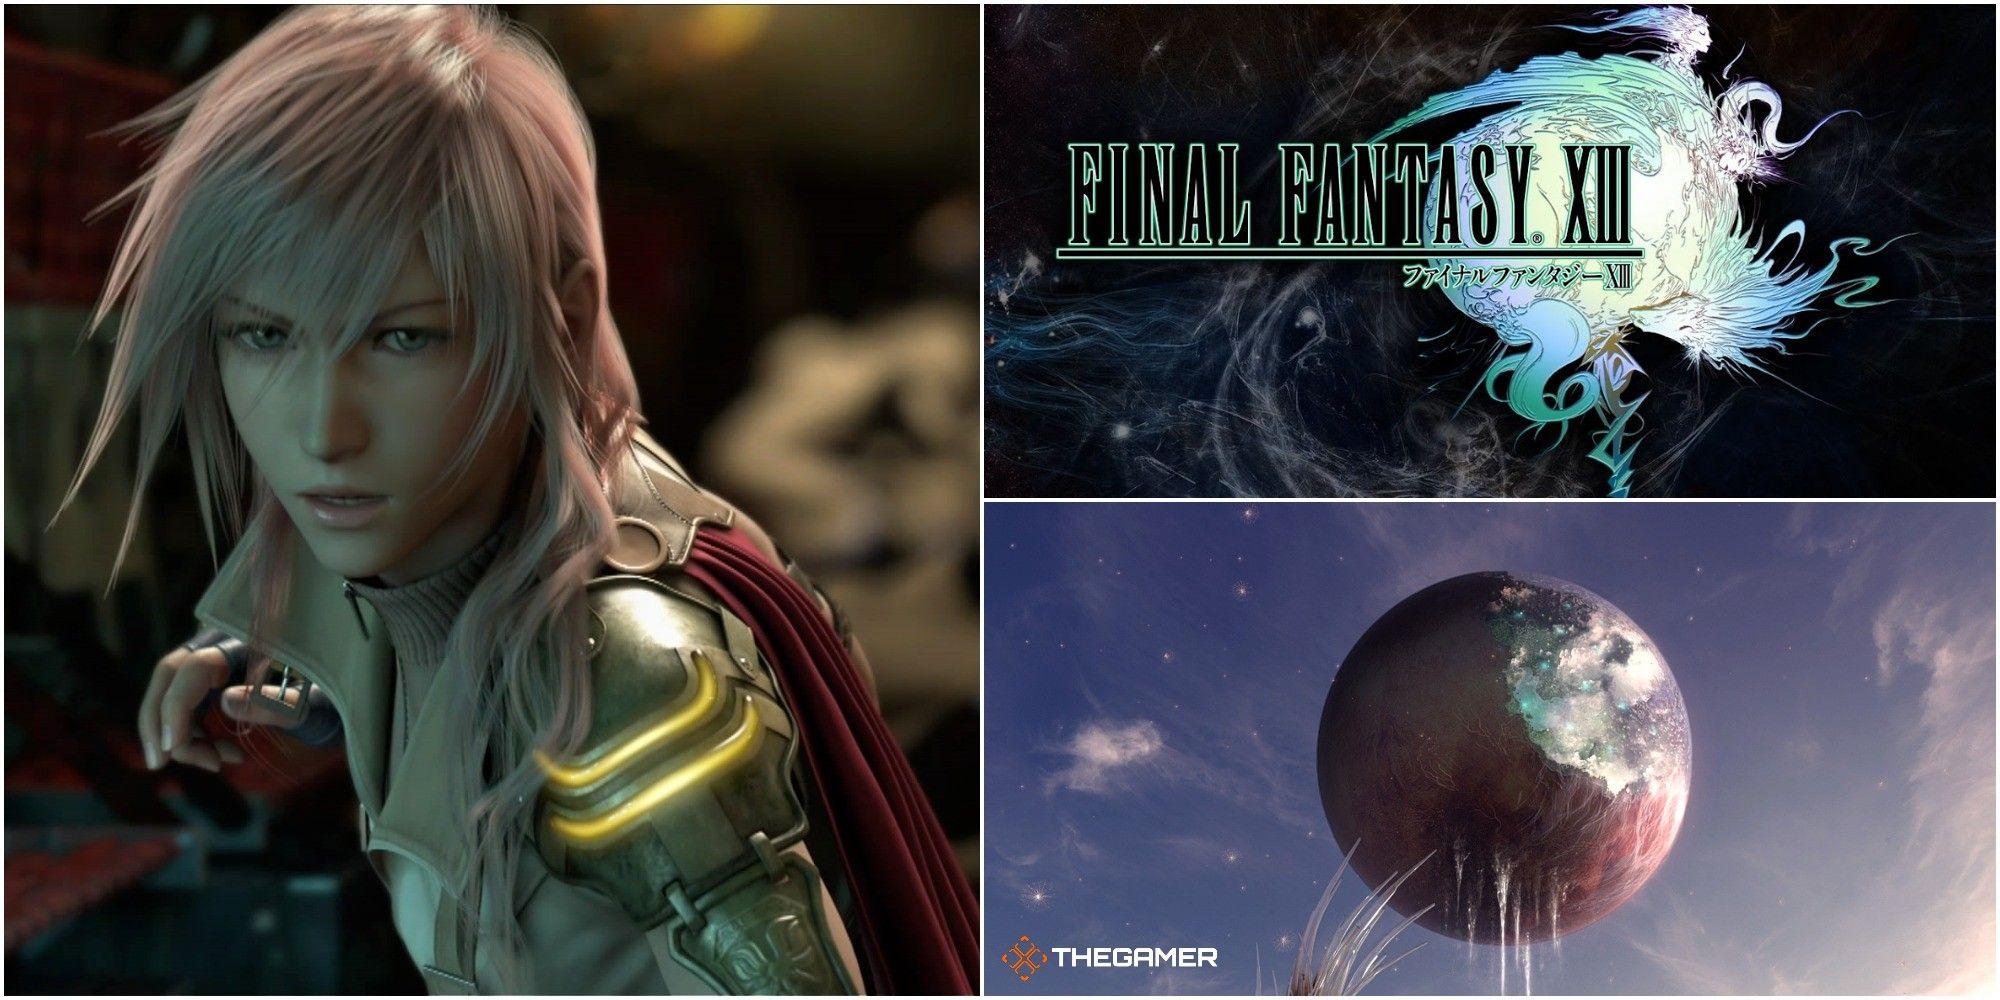 ¿Cuánto tiempo se tarda en vencer a Final Fantasy 13?